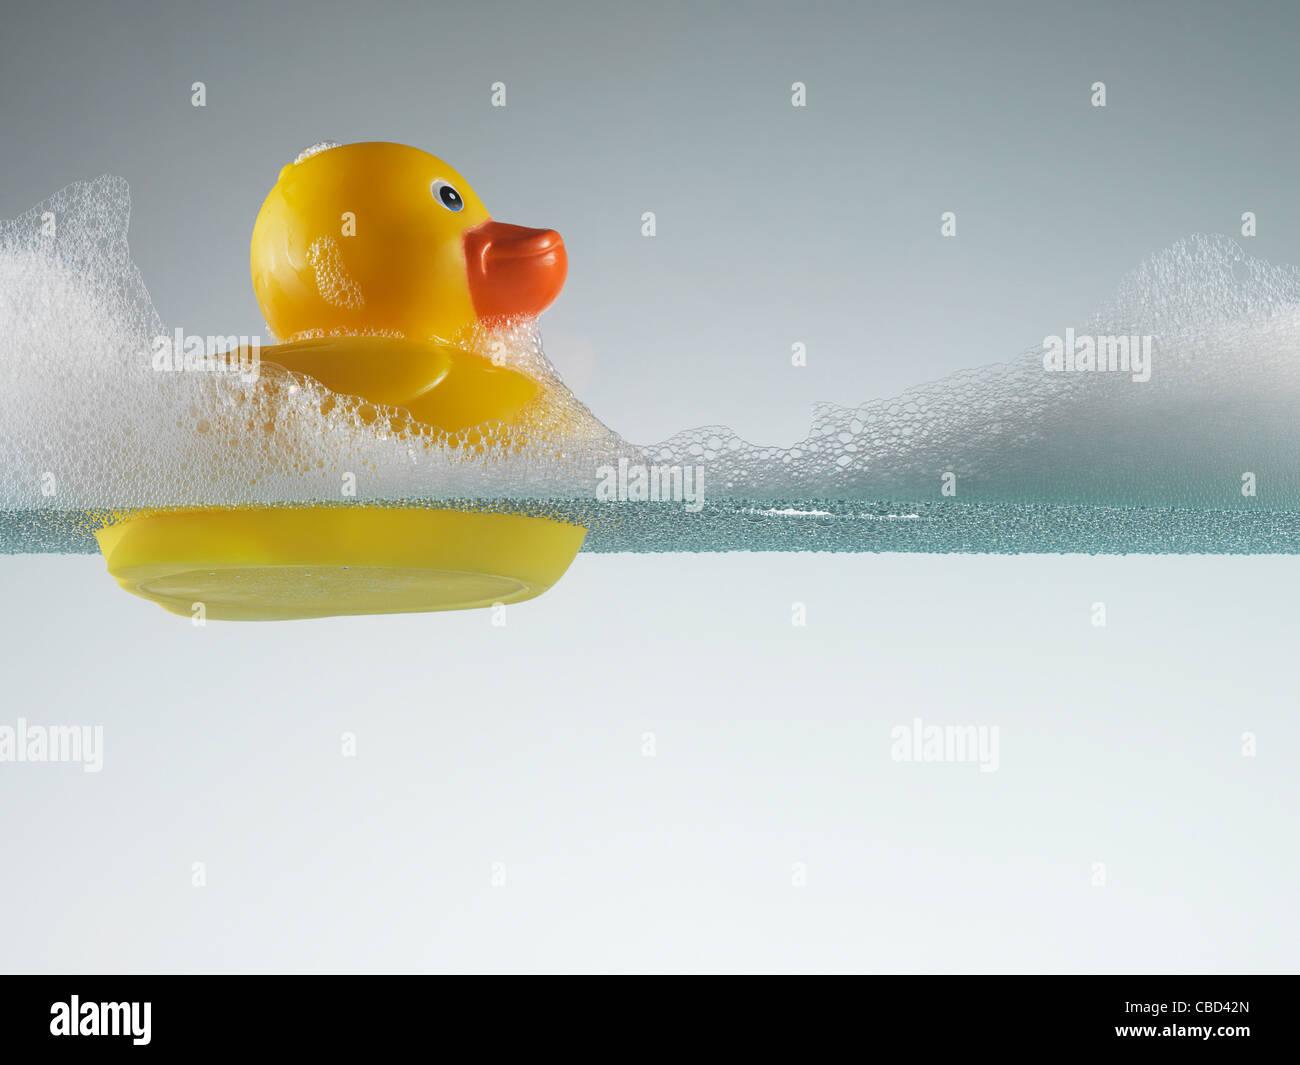 Gummiente in Seifenwasser schweben Stockbild